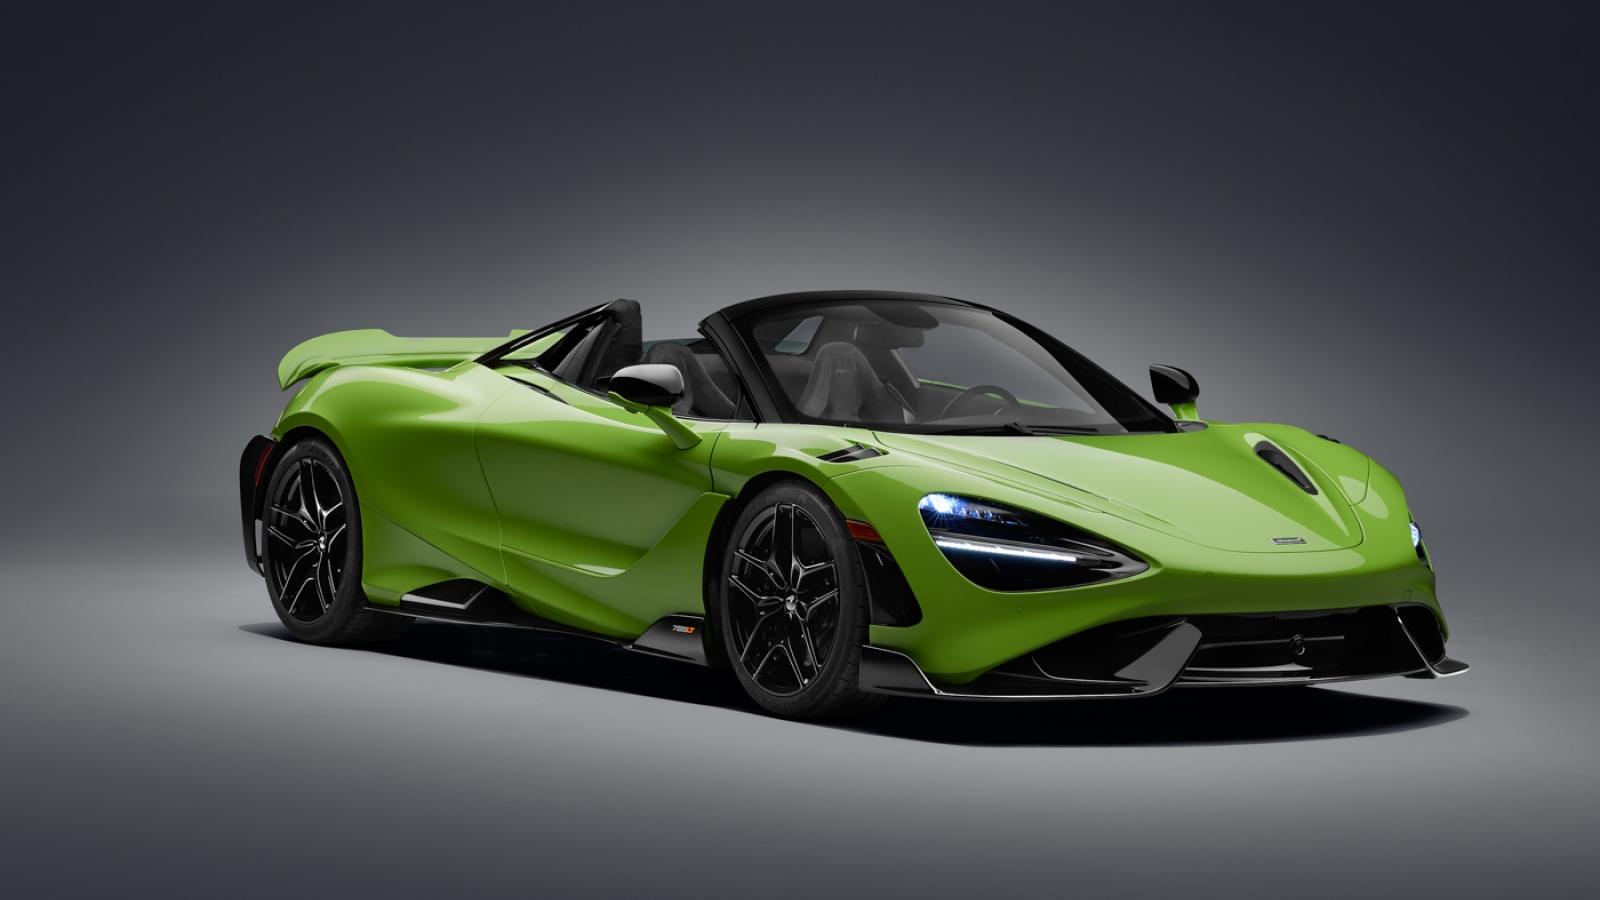 McLaren ra mắt siêu xe mui trần mạnh nhất từ trước tới nay - 765LT Spider